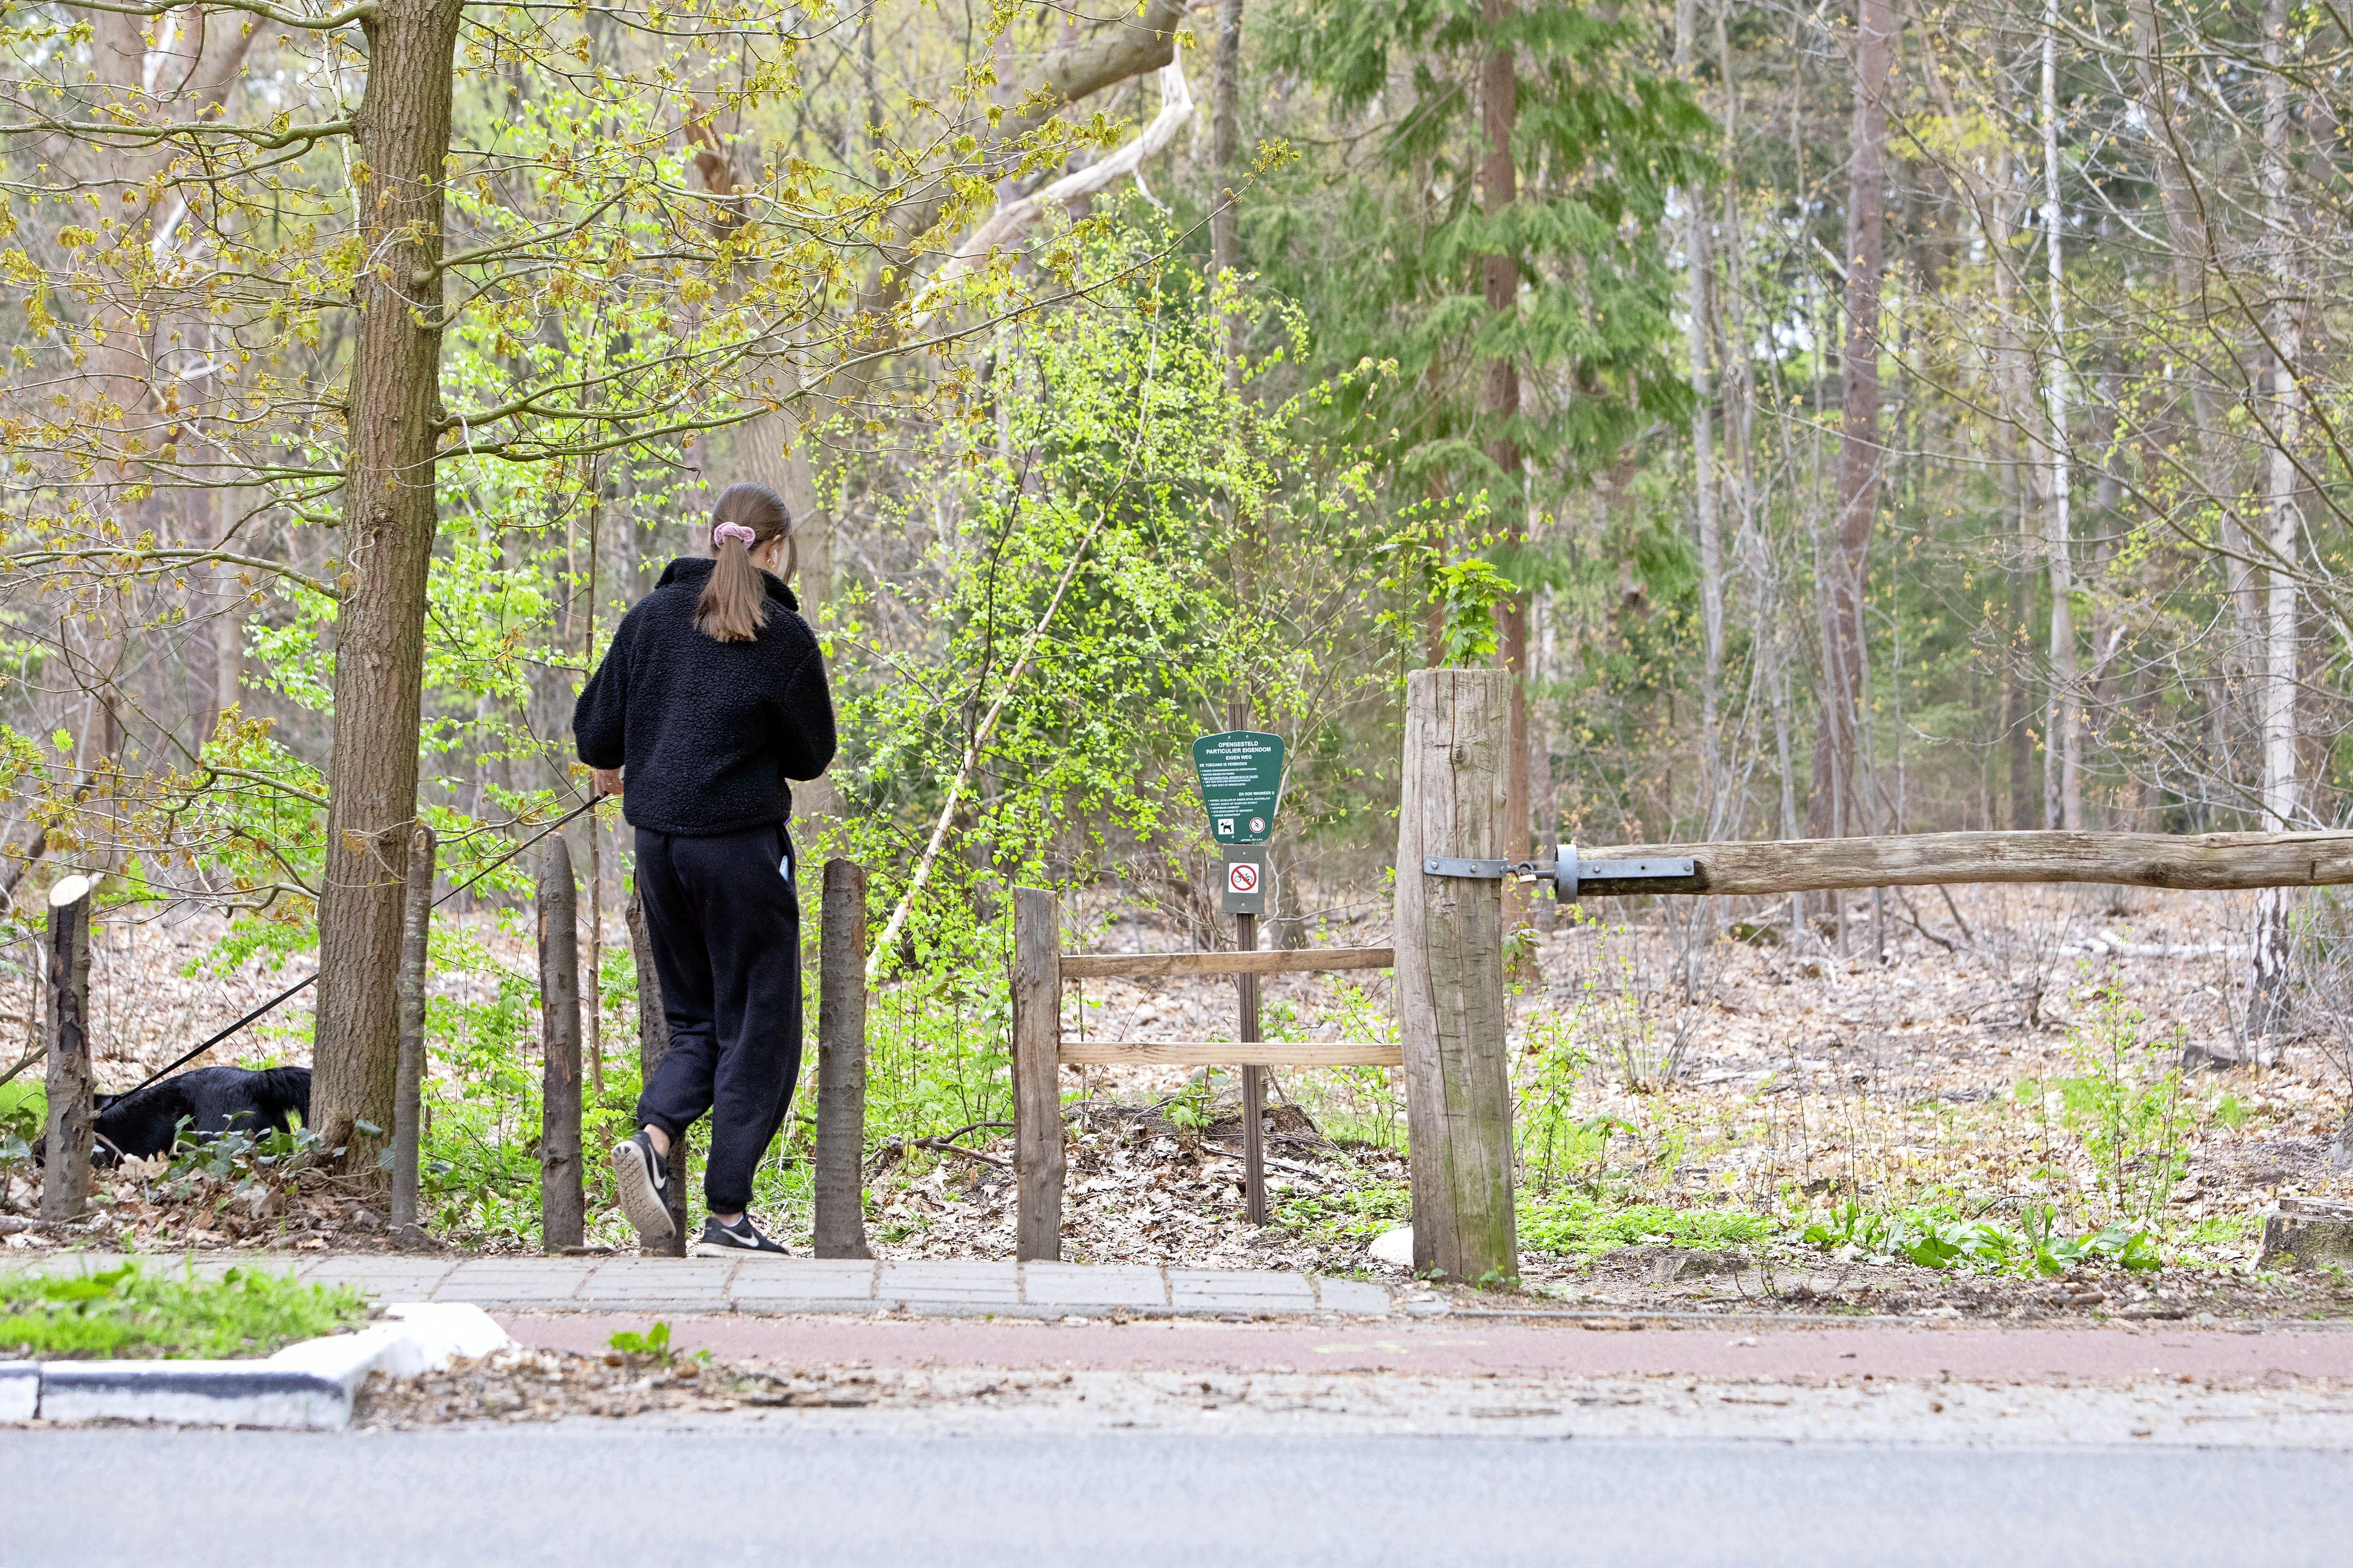 Bos van landgoed Buitenzorg op slot voor fietsers en mtb'ers, want eigenaar Floris Guépin ziet geen andere oplossing meer; 'Ze raggen overal doorheen, zijn alleen maar met zichzelf bezig'